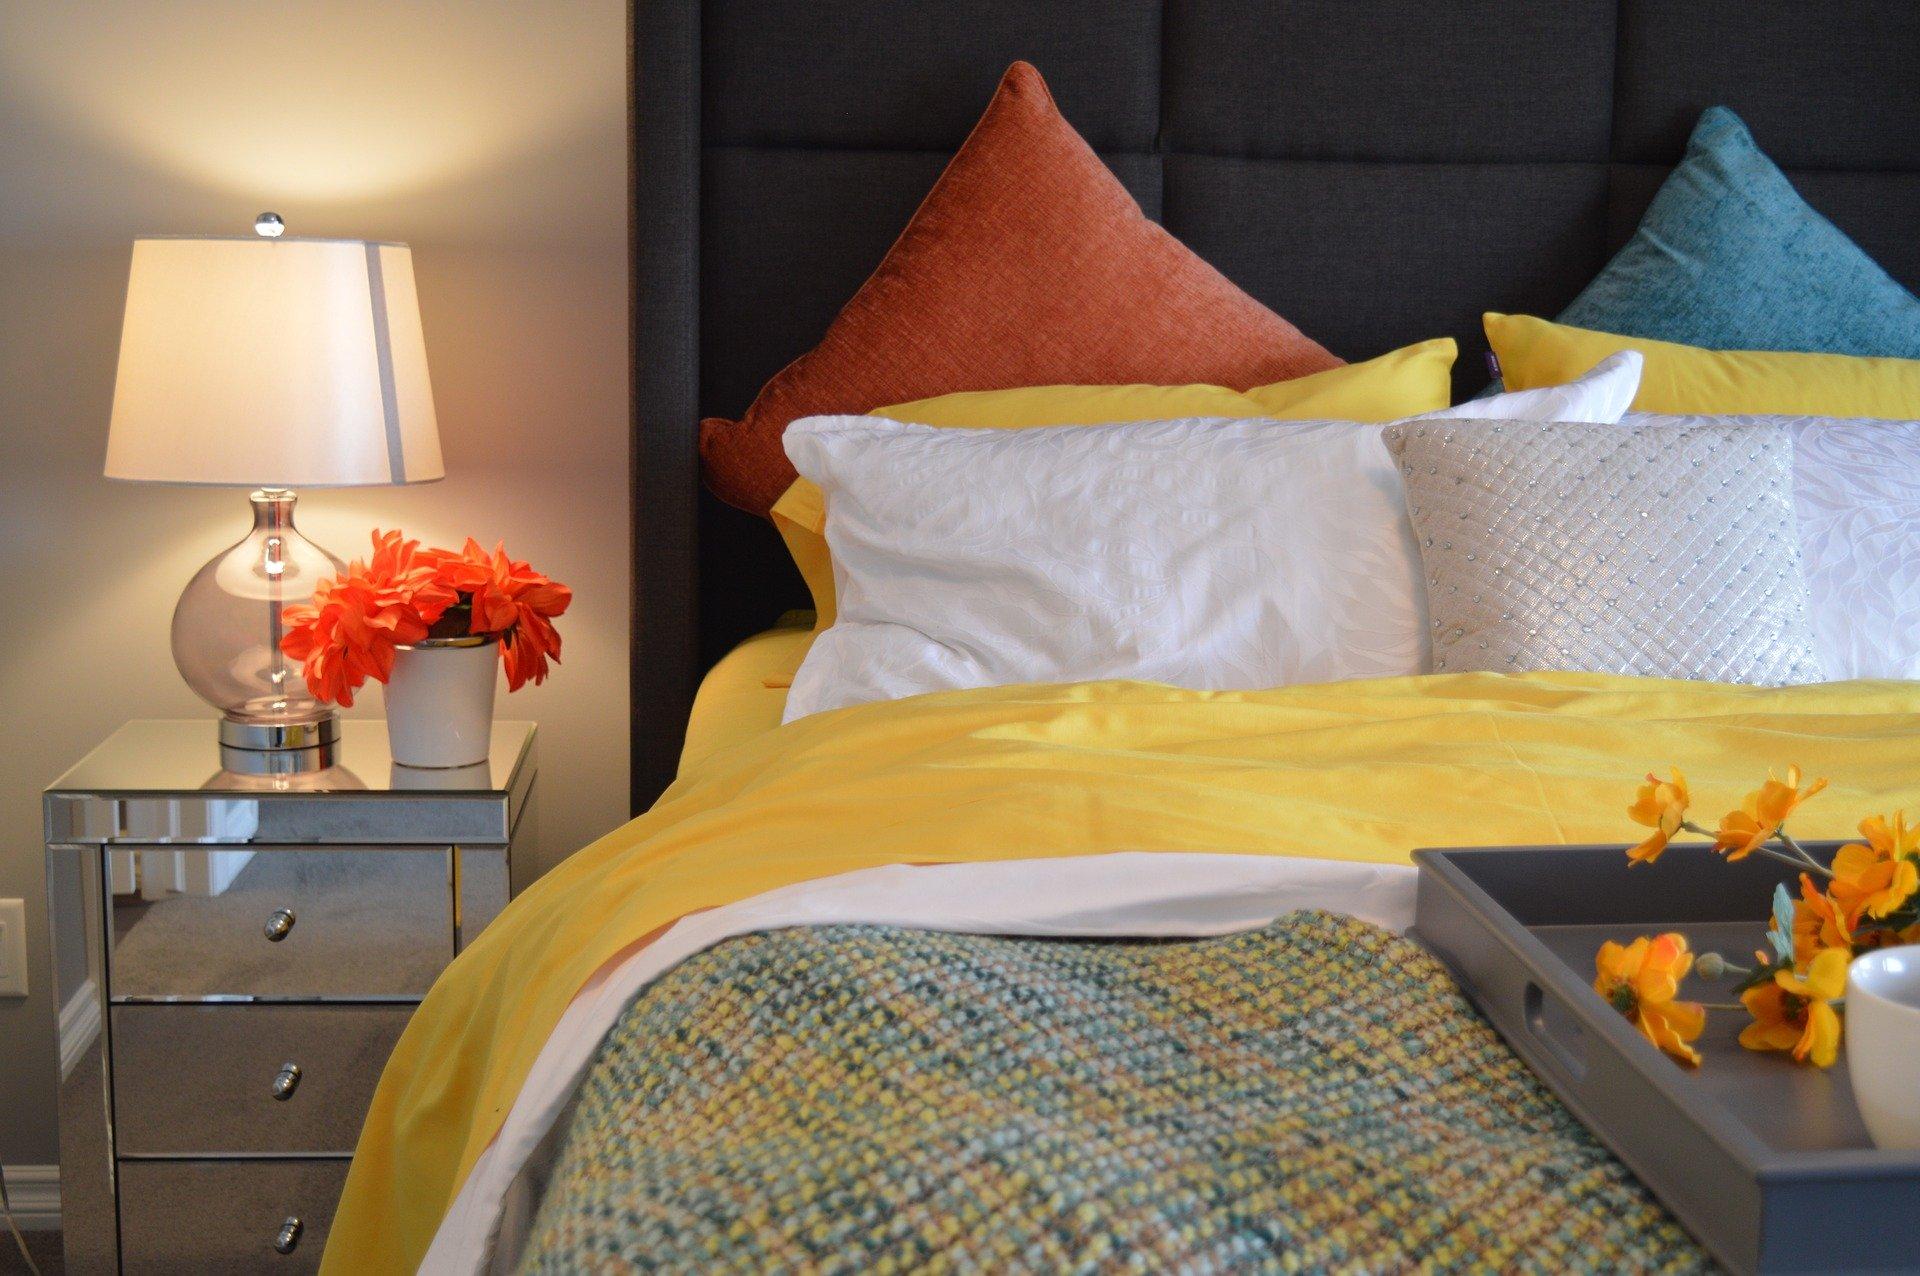 Нощното шкафче – малка мебел с голям принос за нашия комфорт